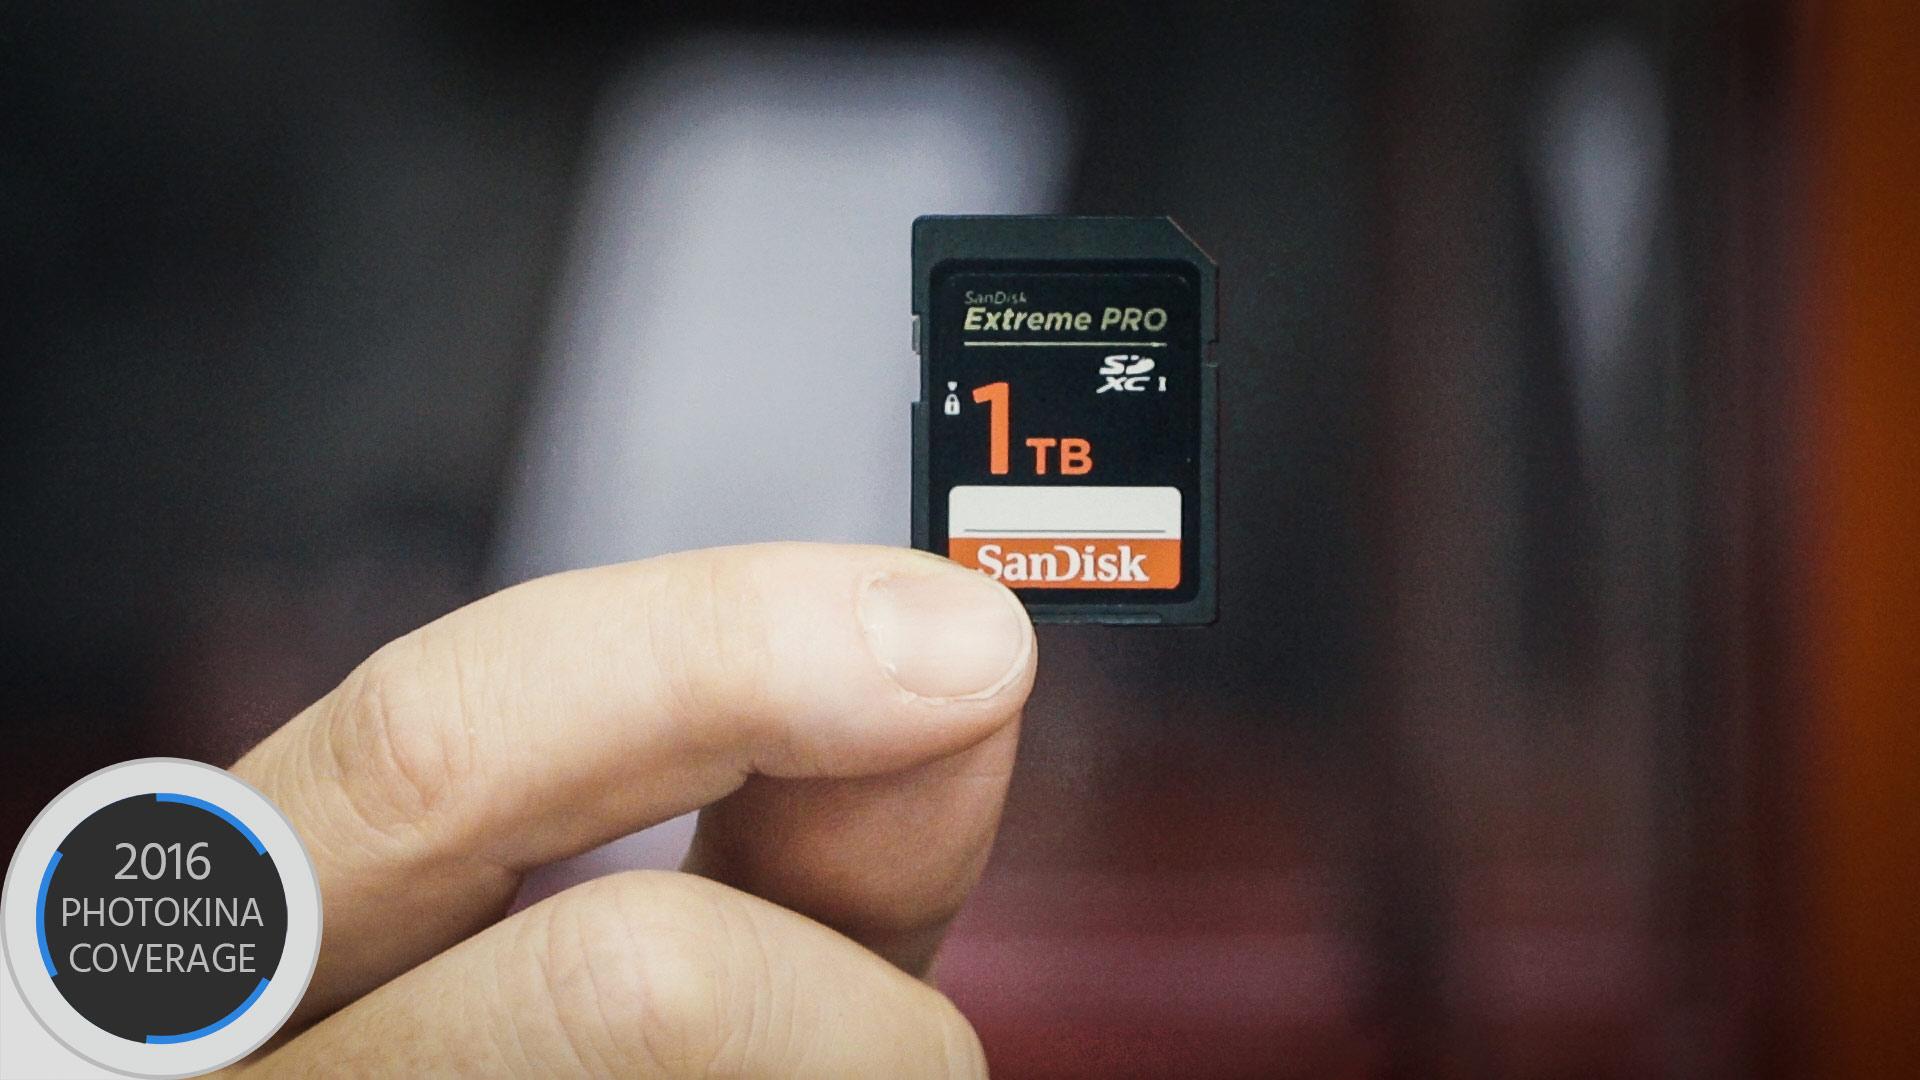 サンディスクが世界初1TB SDカードを発表 - 来年発売か